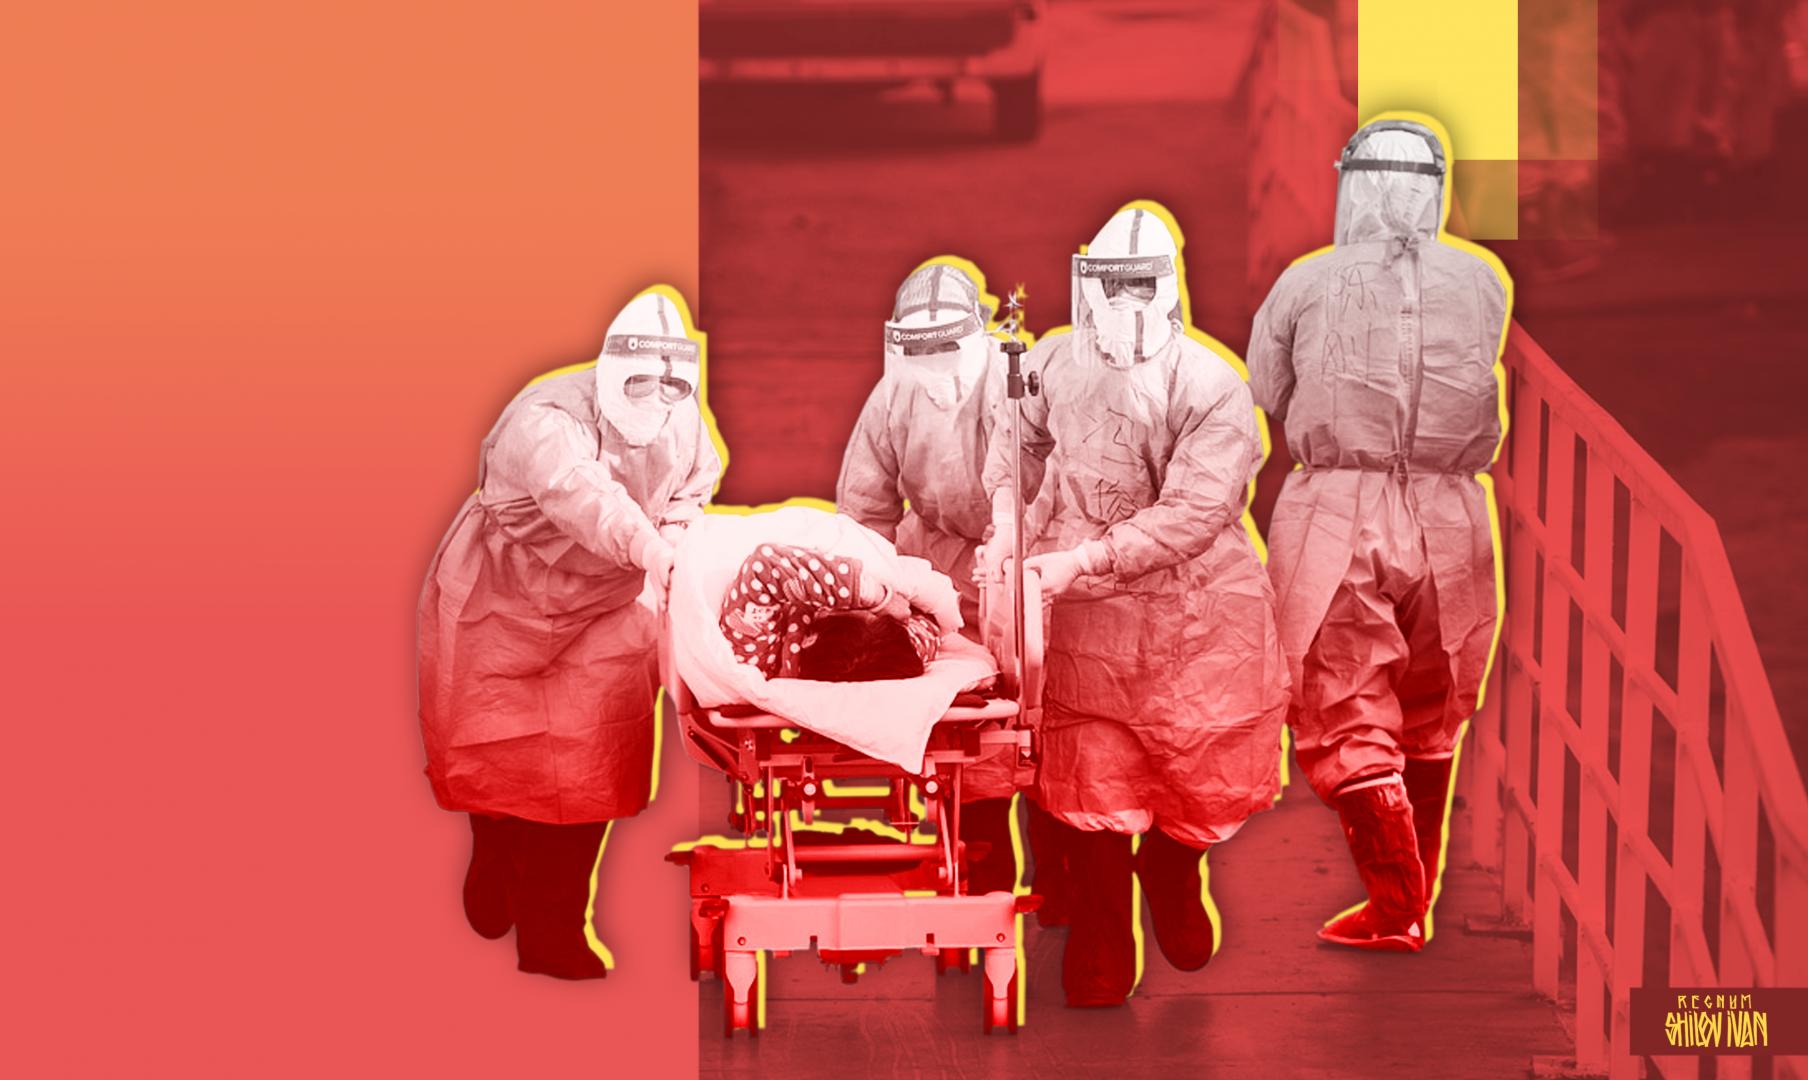 Эпидемия коронавируса: Европа в панике — все новости - ИА REGNUM